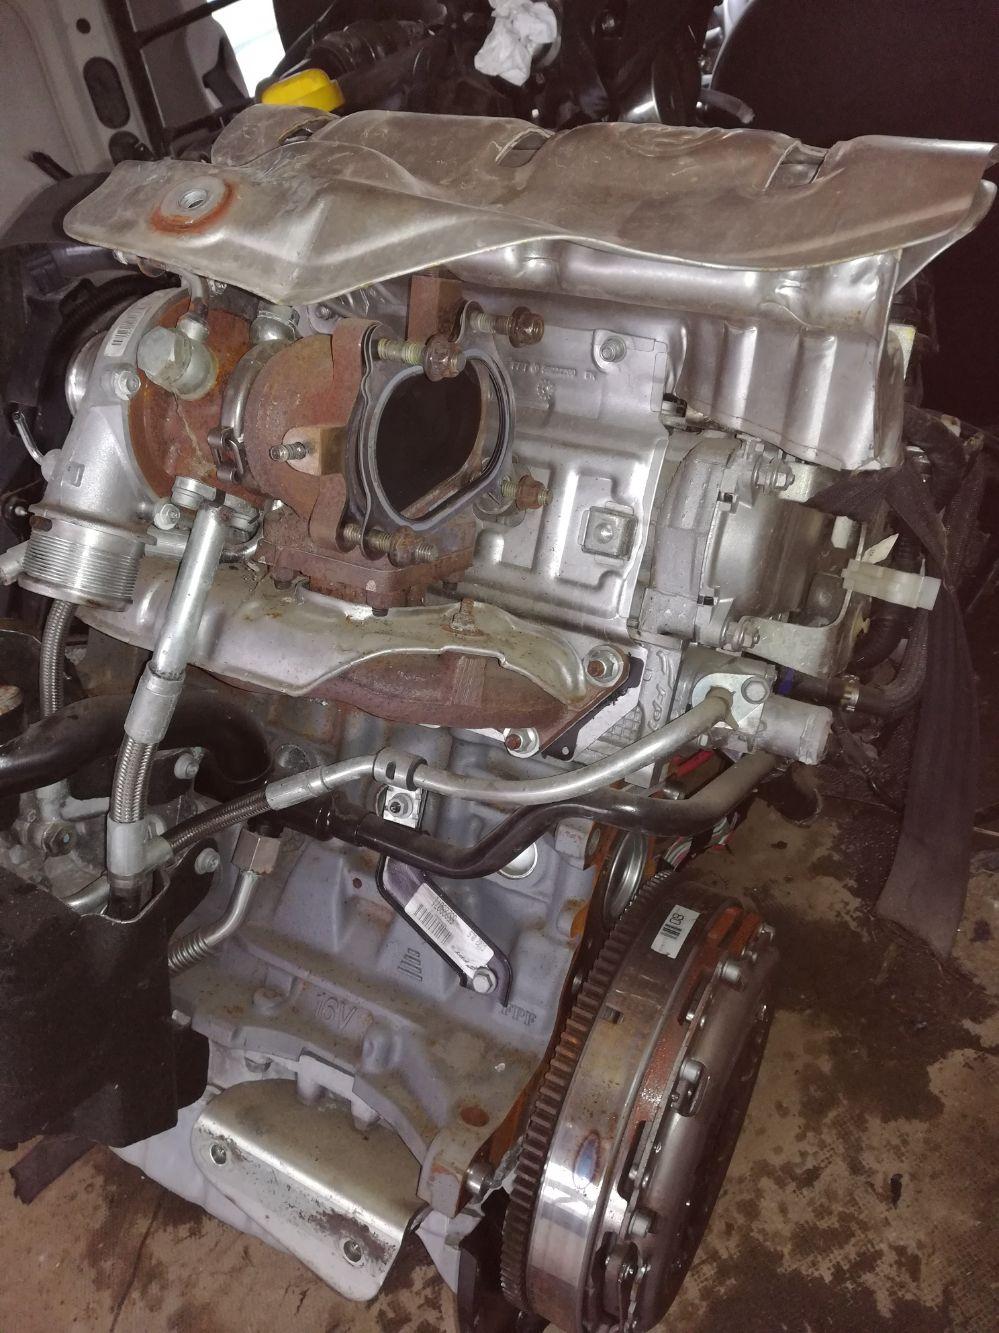 Motore 312a1000 Da Fiat  500 del 2015 1cc. 1.4 TURBO  Usato da autodemolizione